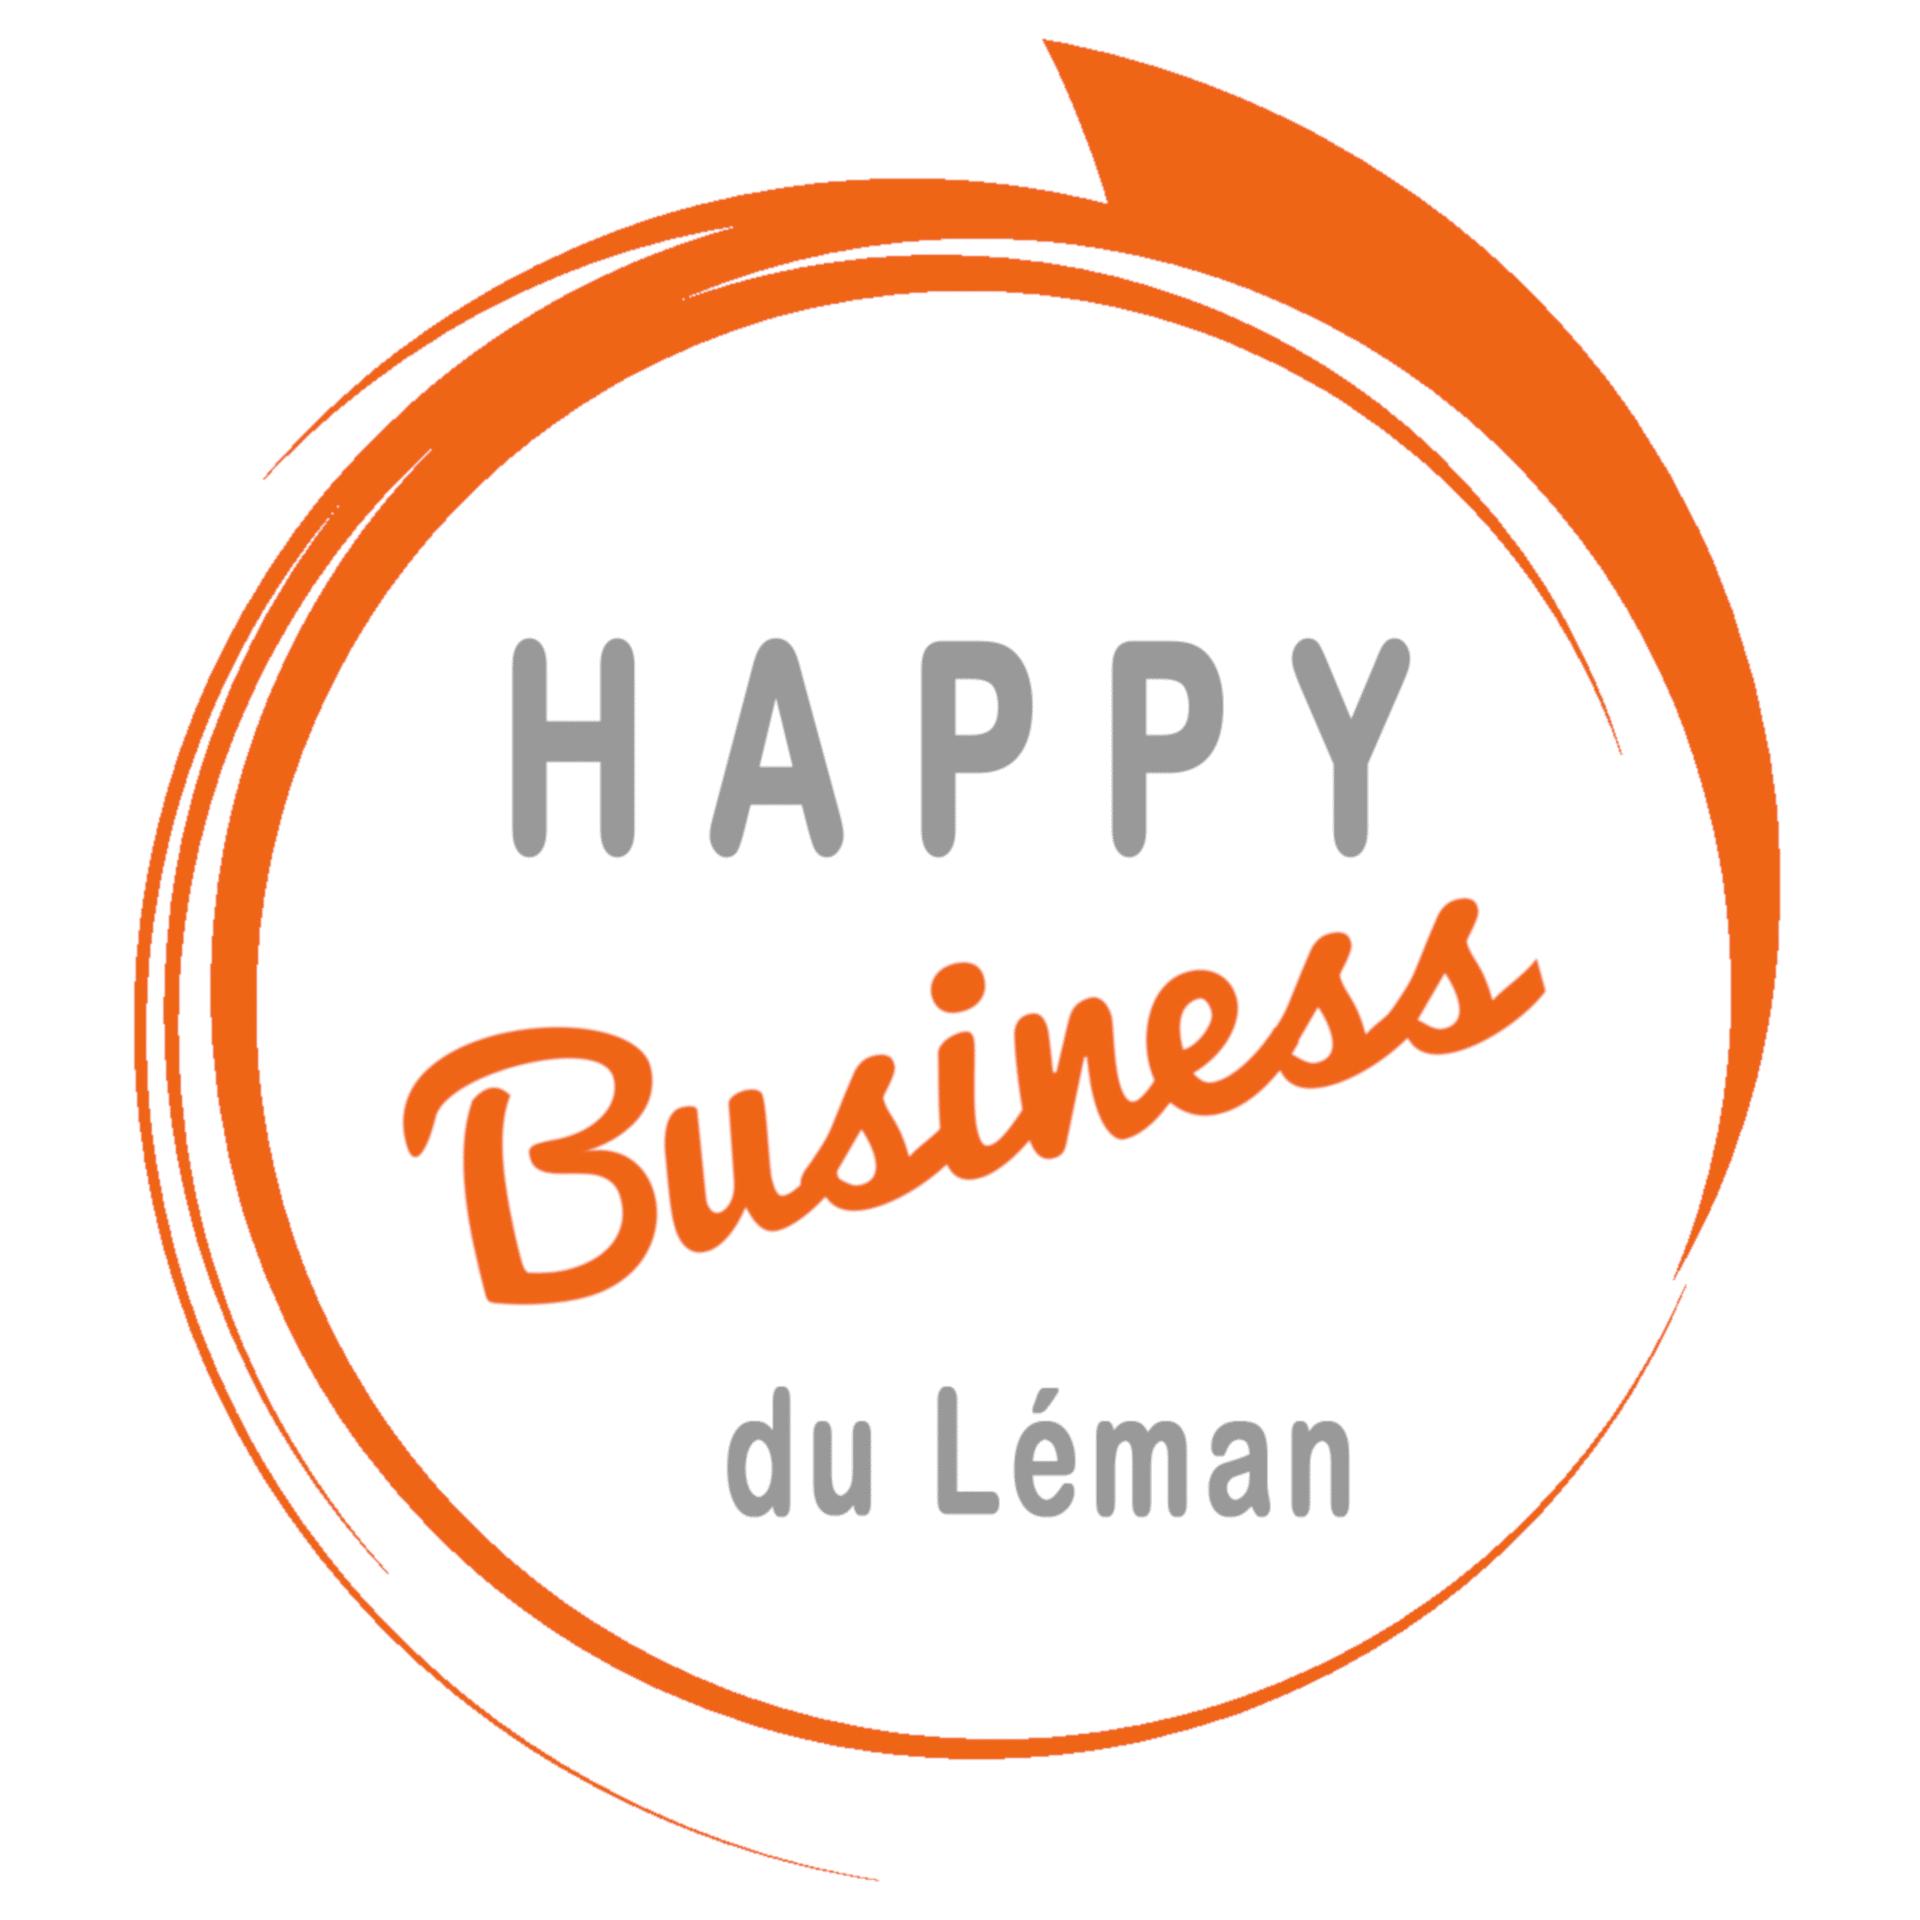 HAPPY Business du Leman